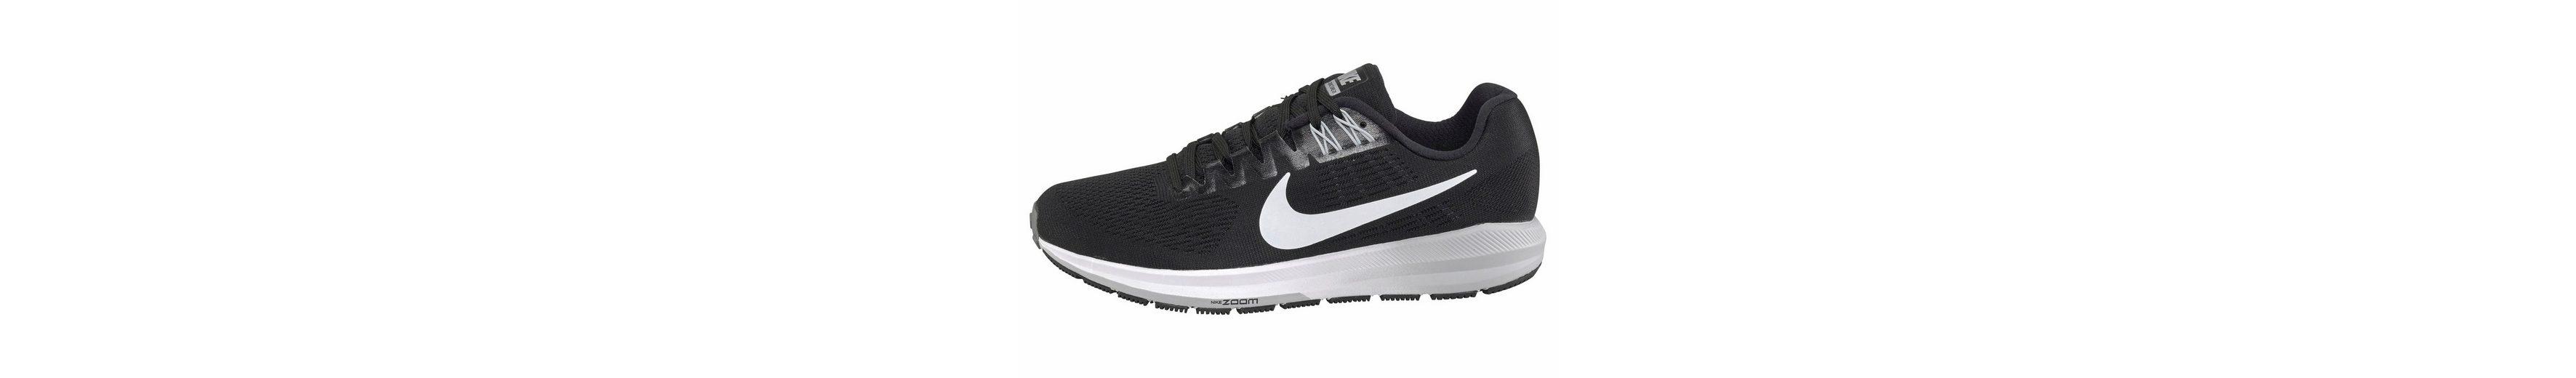 Rabatt Besuch Neu Nike Wmns Air Zoom Structure 21 Laufschuh Rabatt Vermarktbare Billig Verkauf Für Schön Qualitativ Hochwertige Online-Verkauf 8HSyj